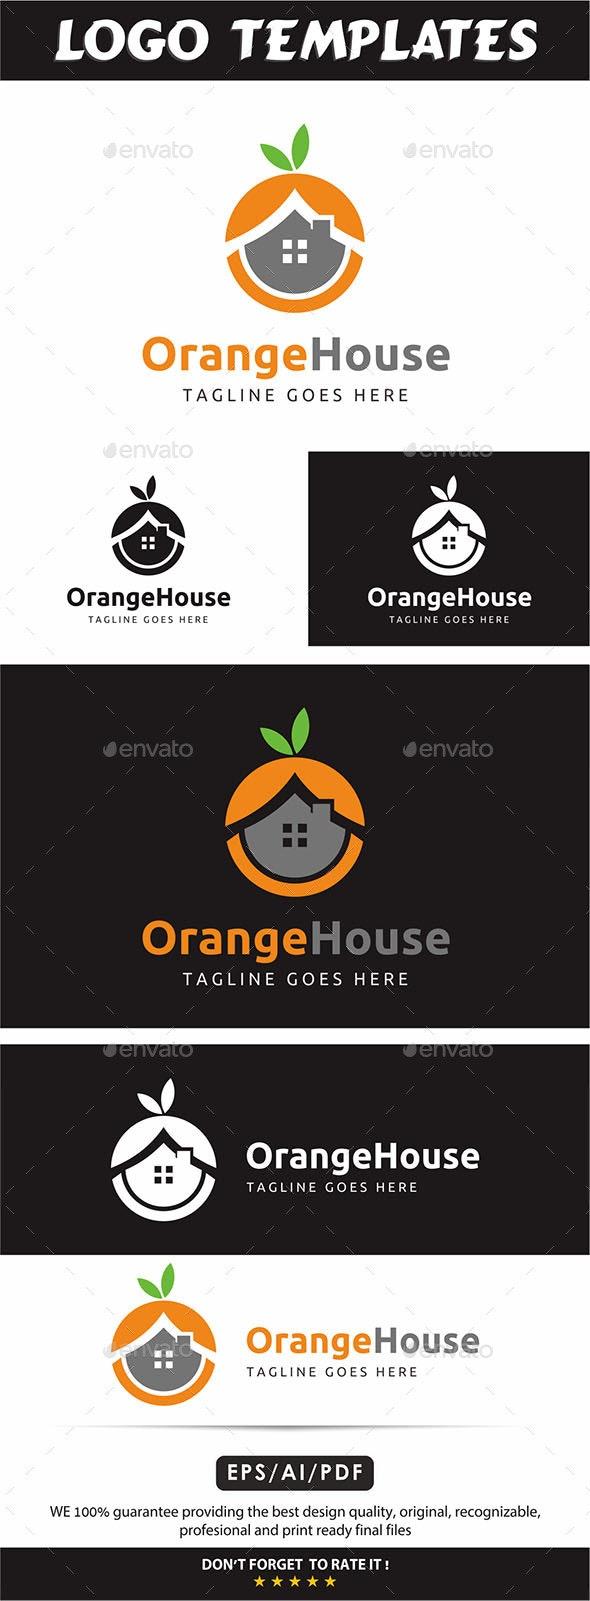 Orange House Logo - Vector Abstract